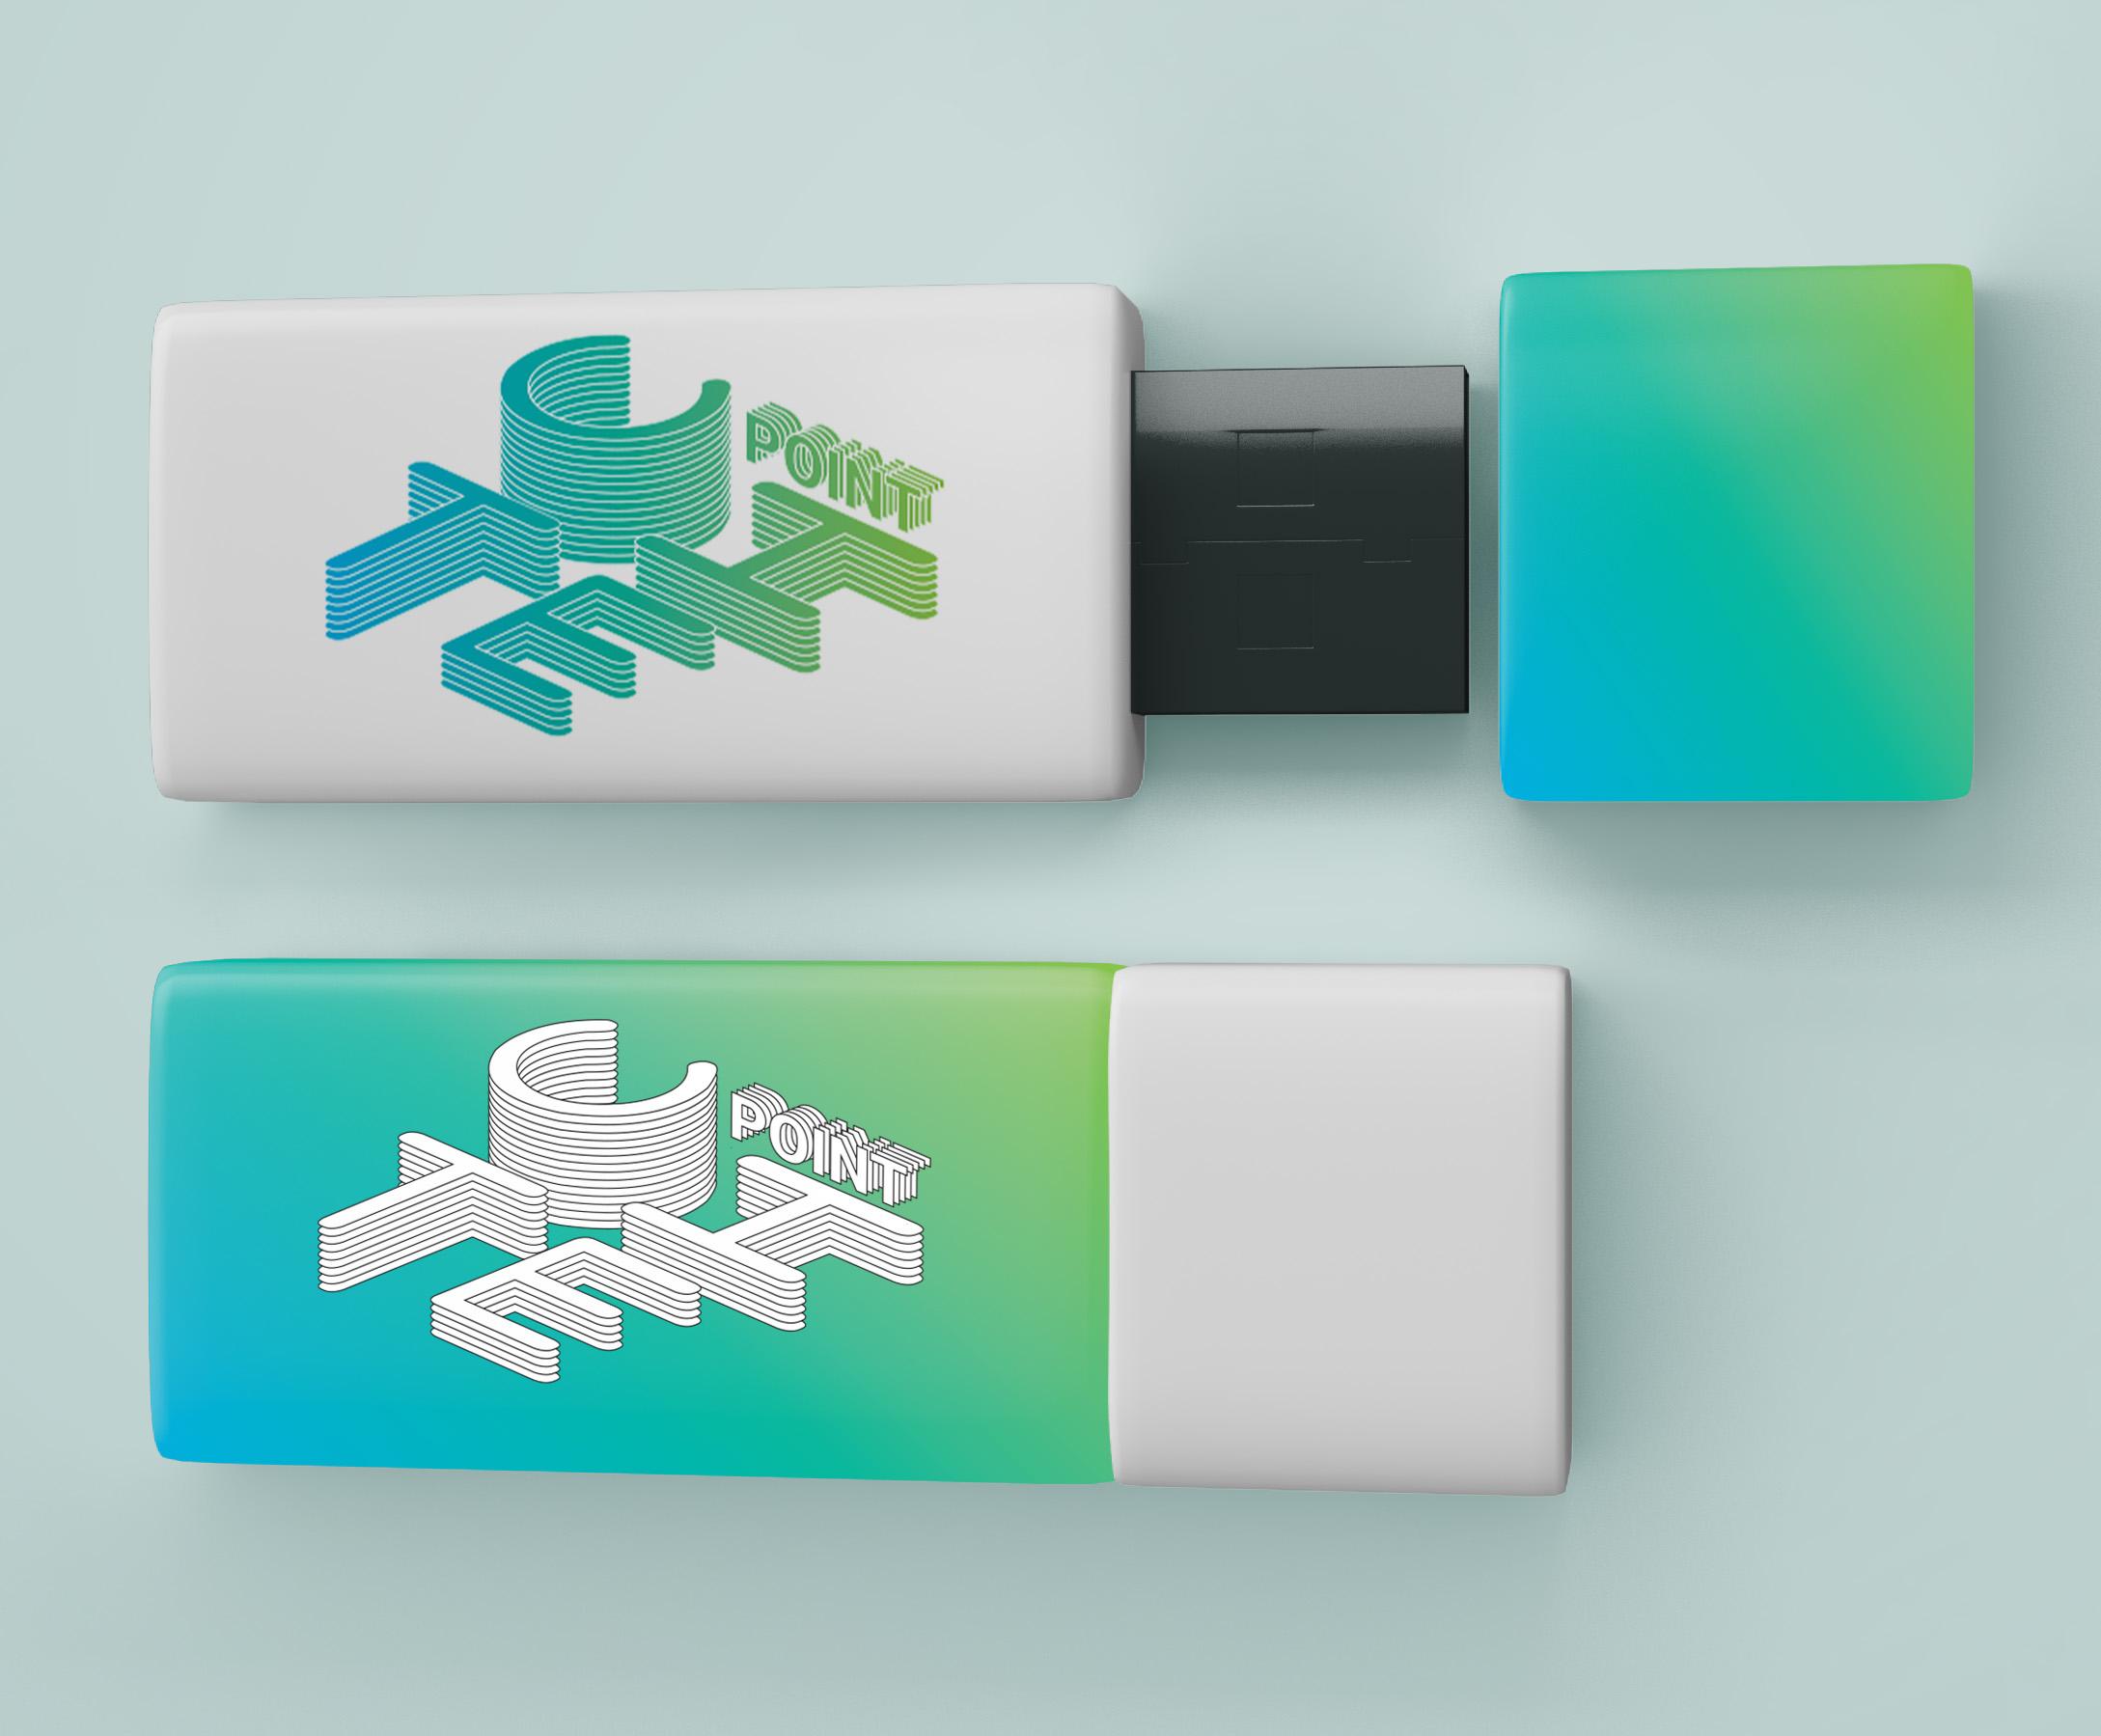 USB_drive